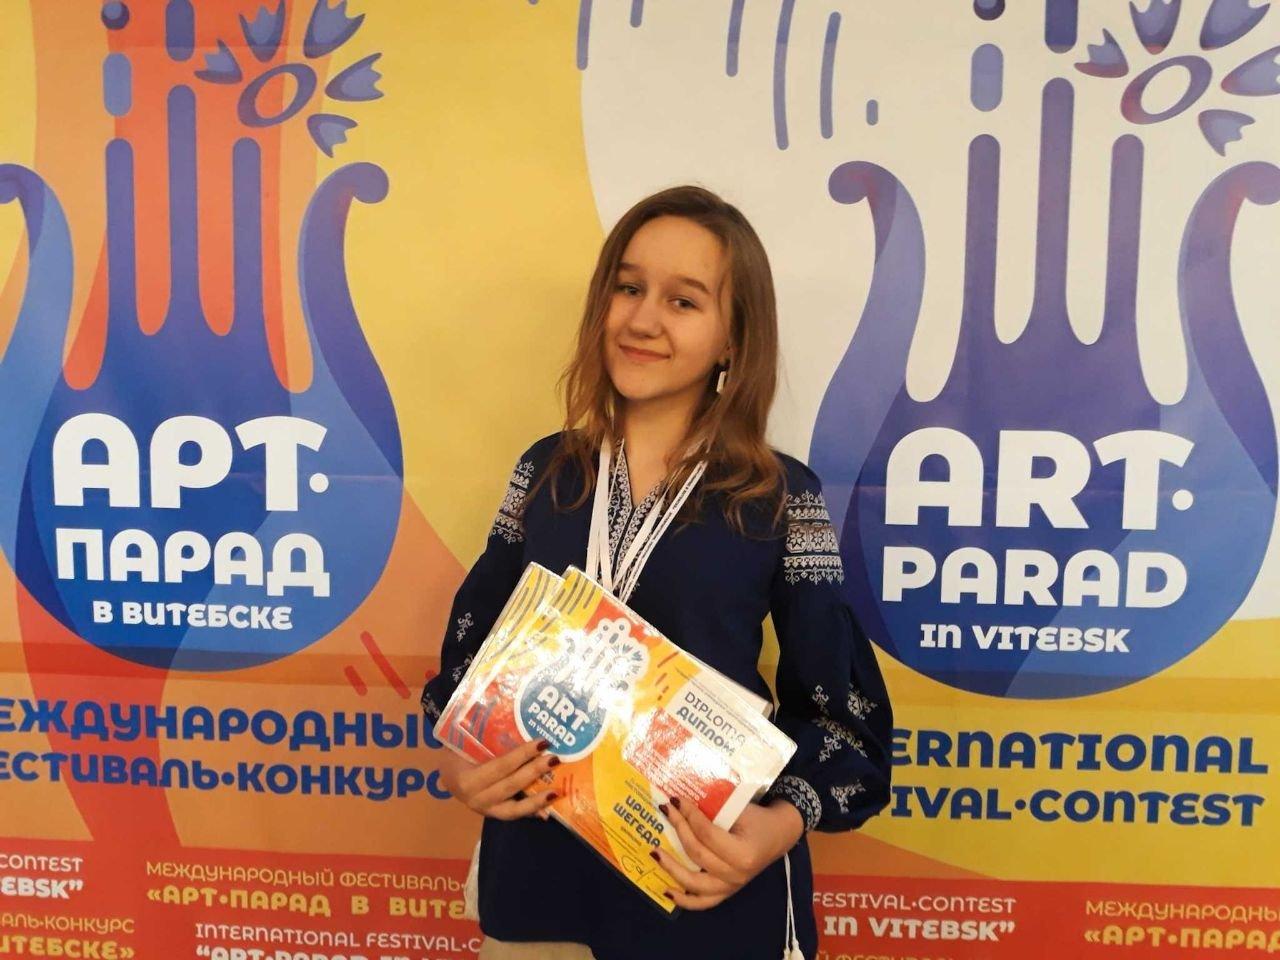 Юна франківка перемогла у міжнародному фестивалі «Арт-парад у Вітебську», фото-2